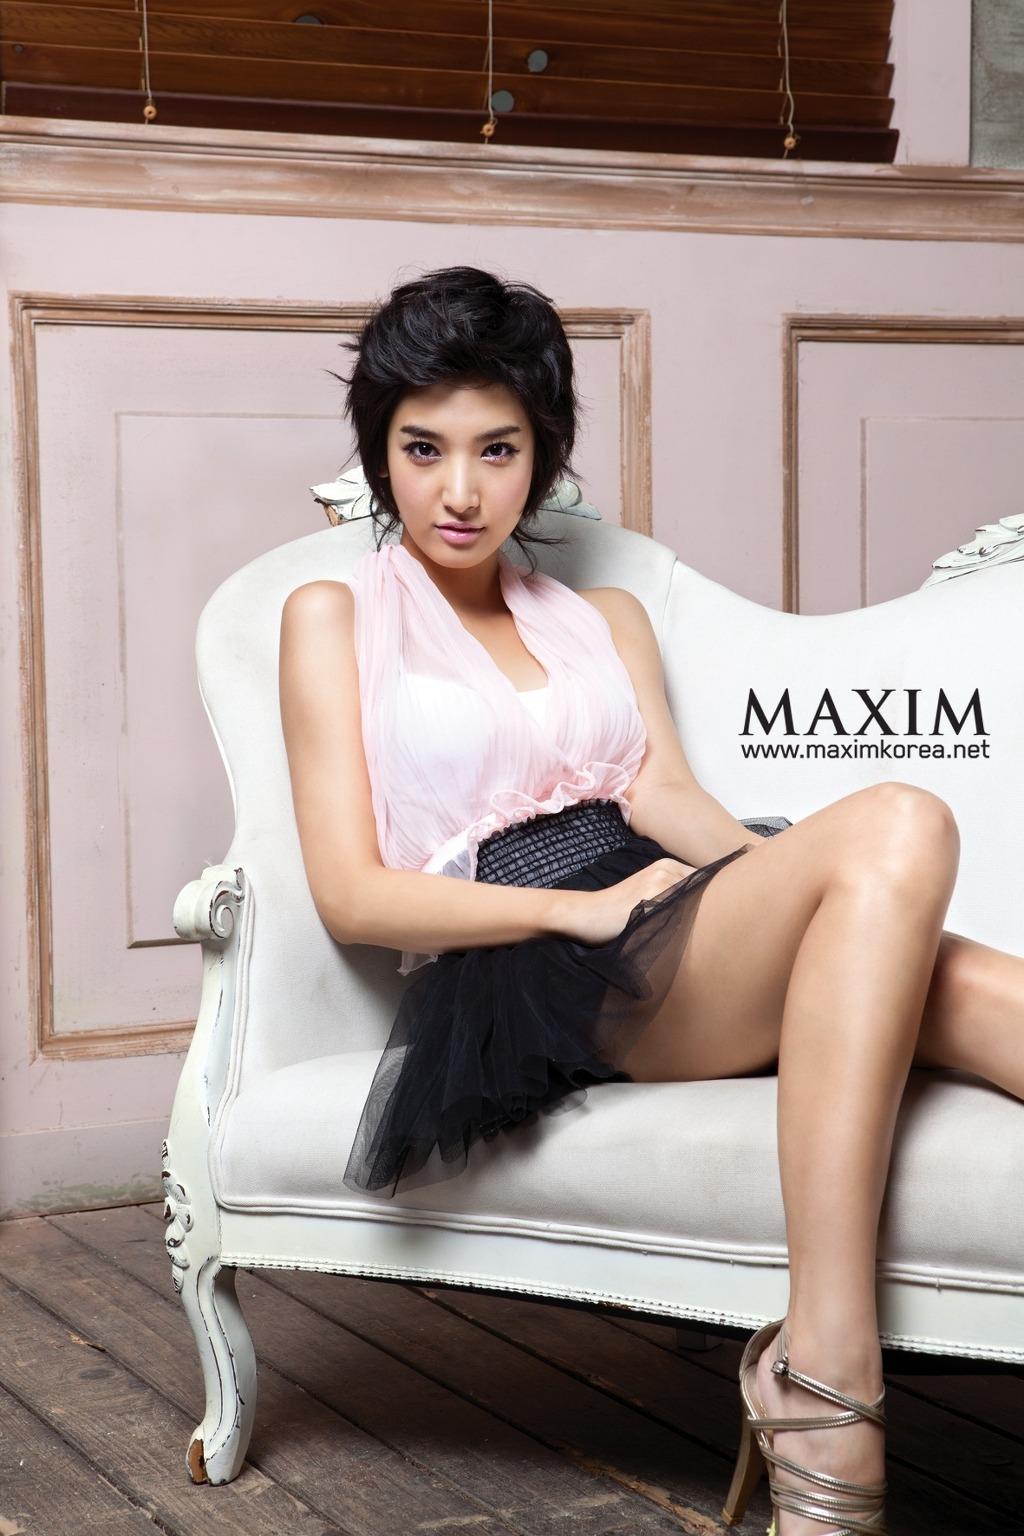 브레이브 걸스 맥심(maxim) 화보 - Soul